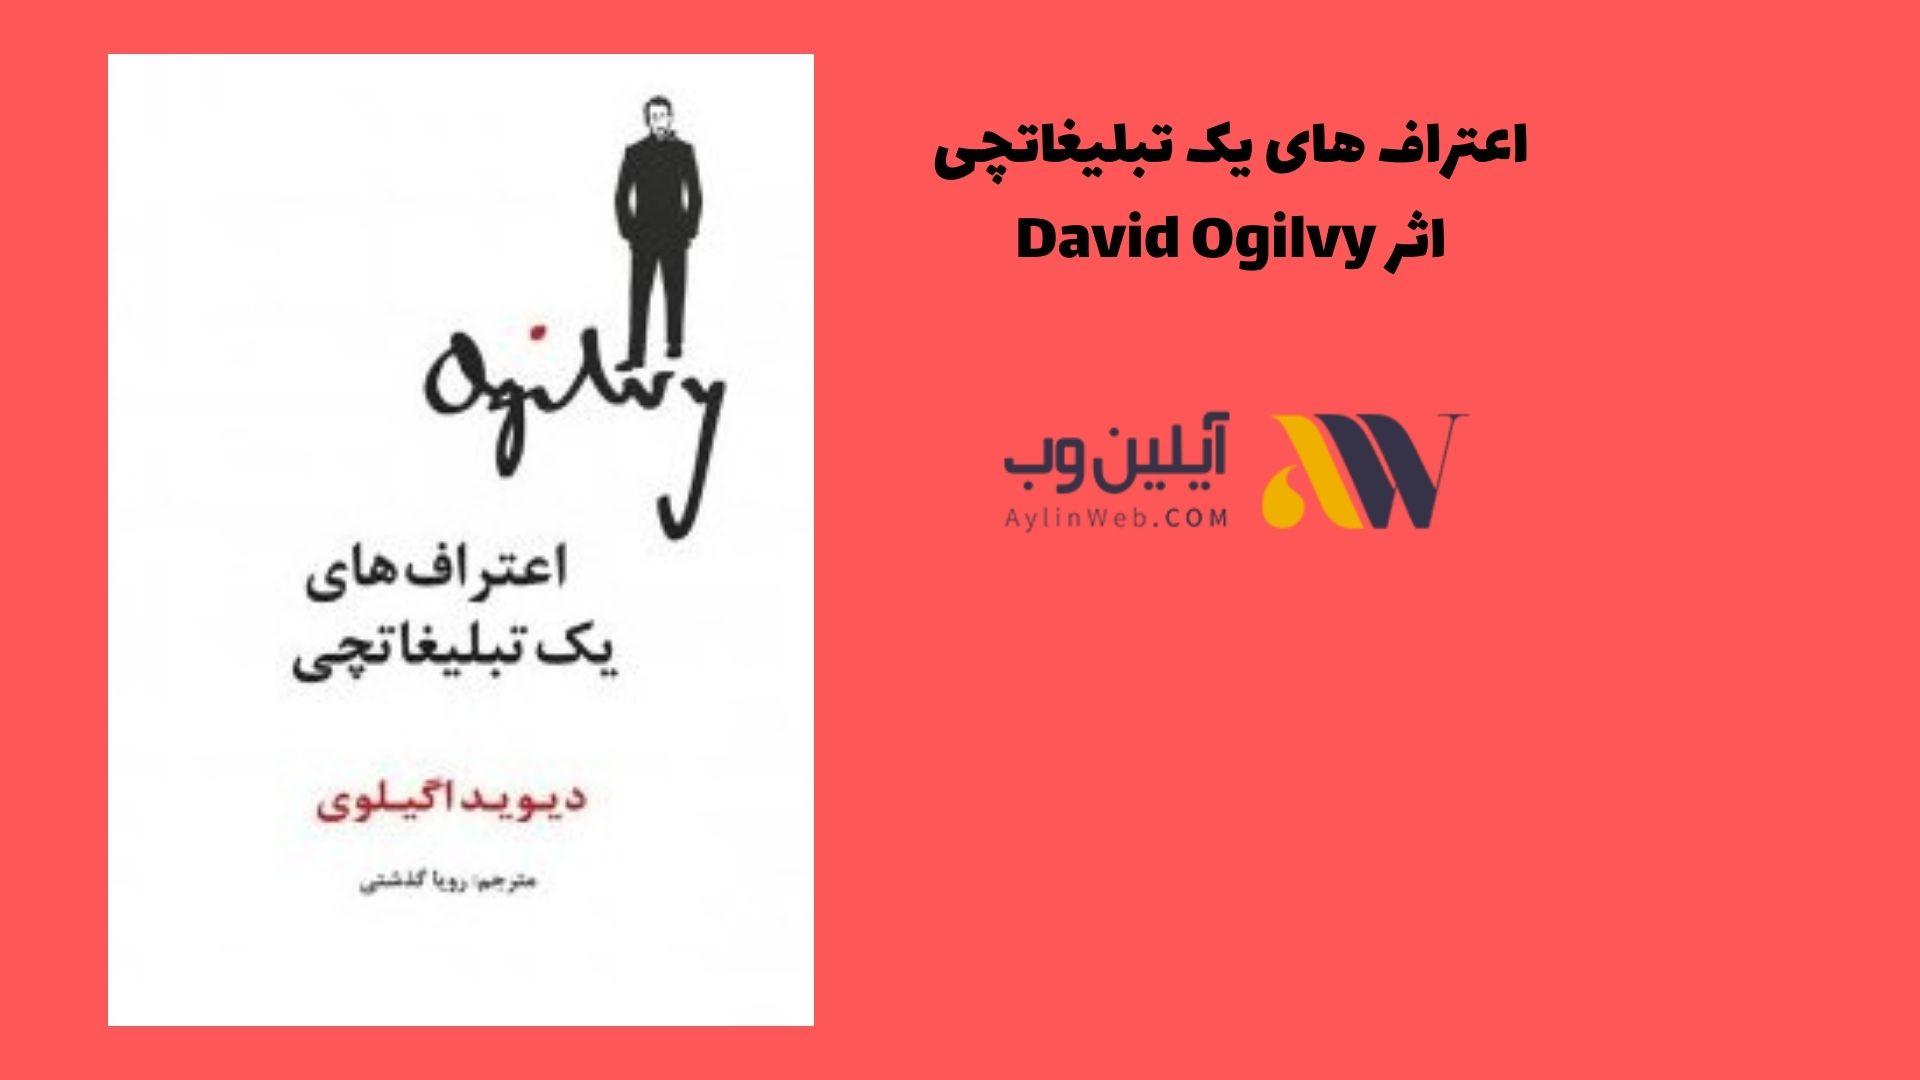 اعتراف های یک تبلیغاتچی اثر David Ogilvy